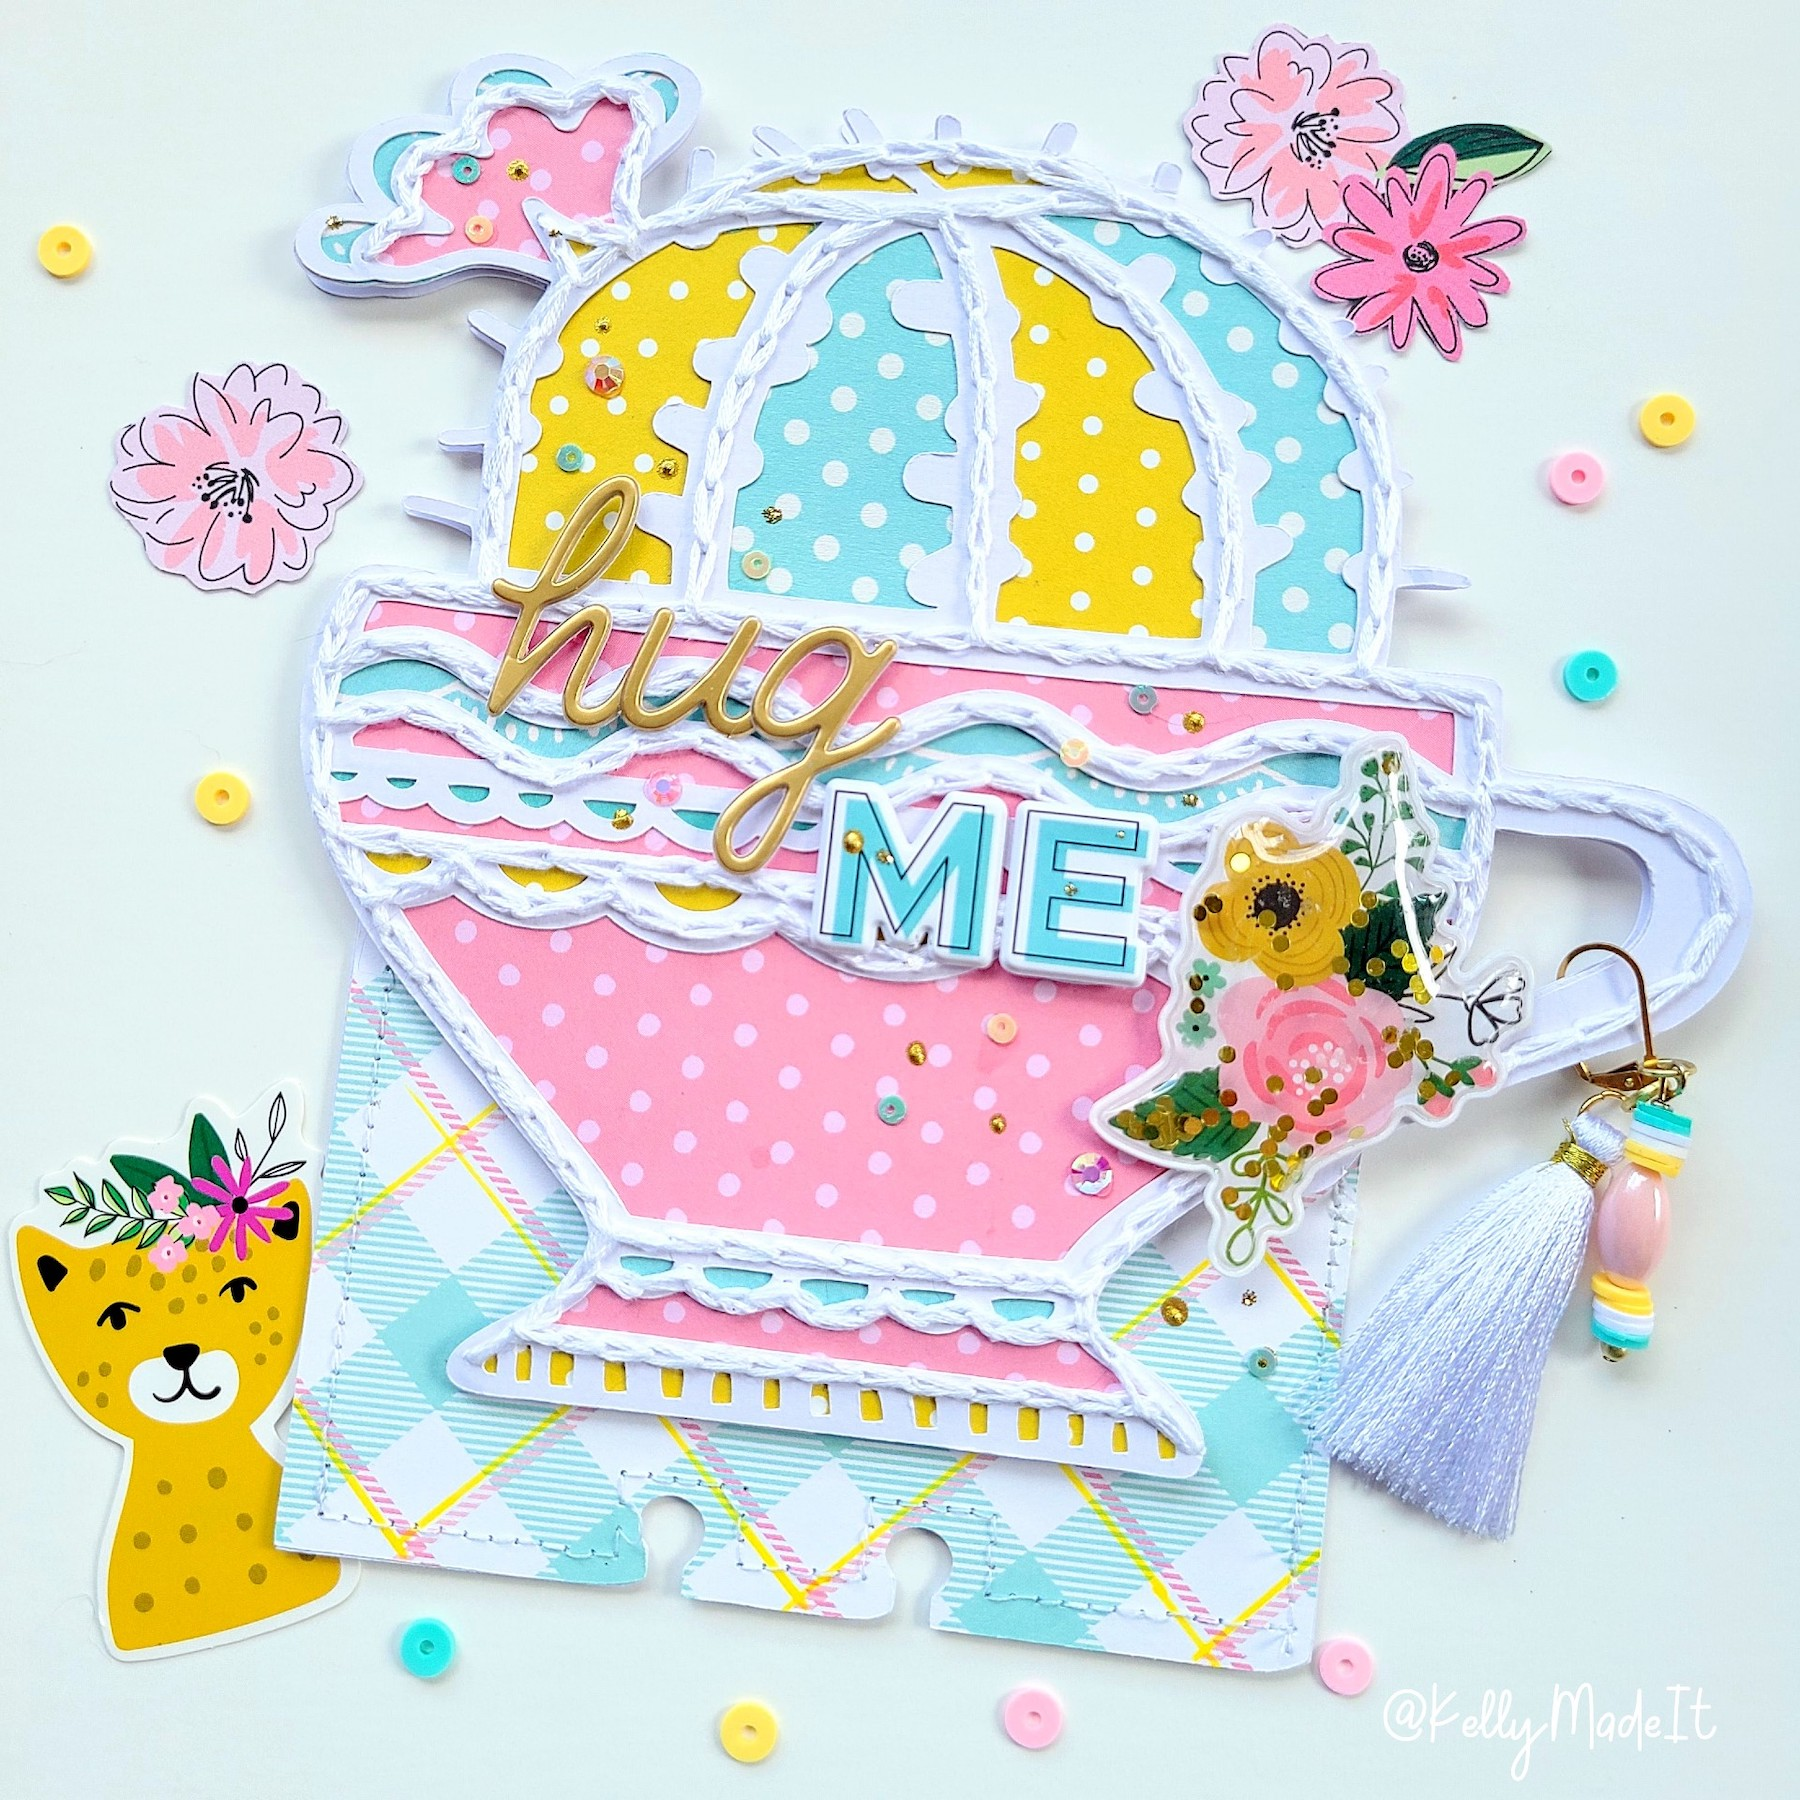 Kelly Made It- Memorydex Card 8 Hug Me